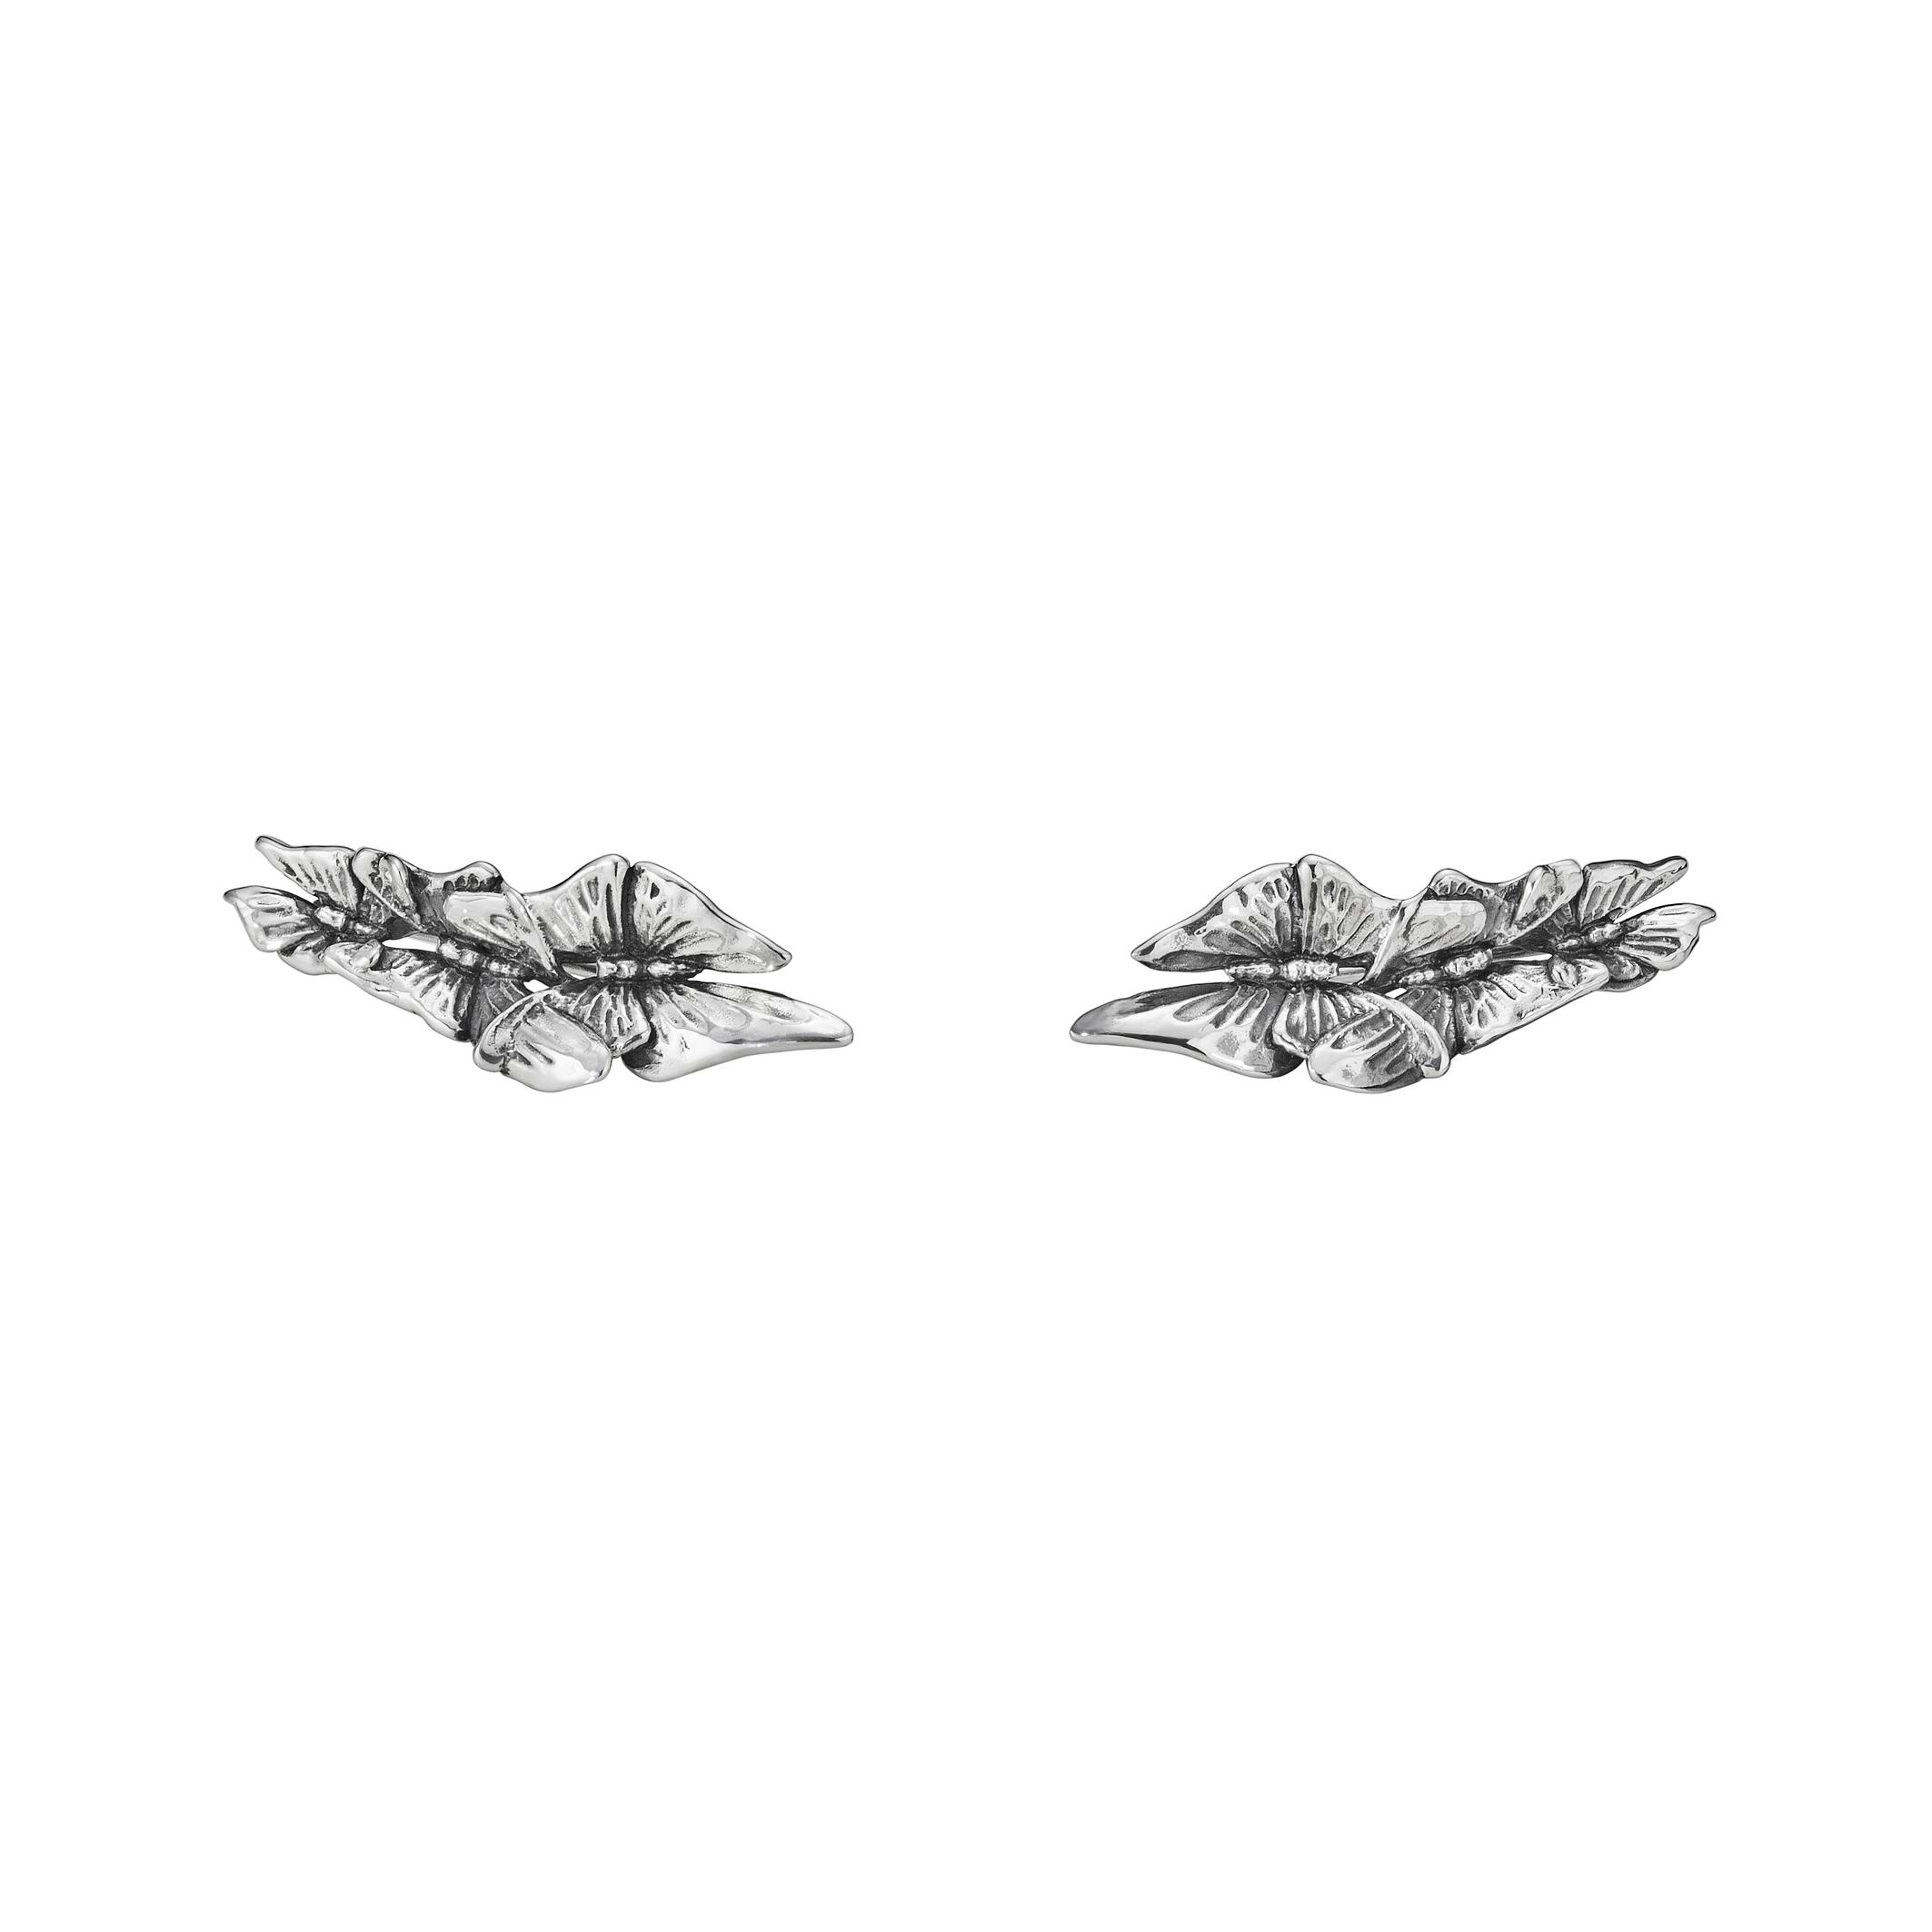 ASKILL 耳環 - 氧化純銀建議售價7,300